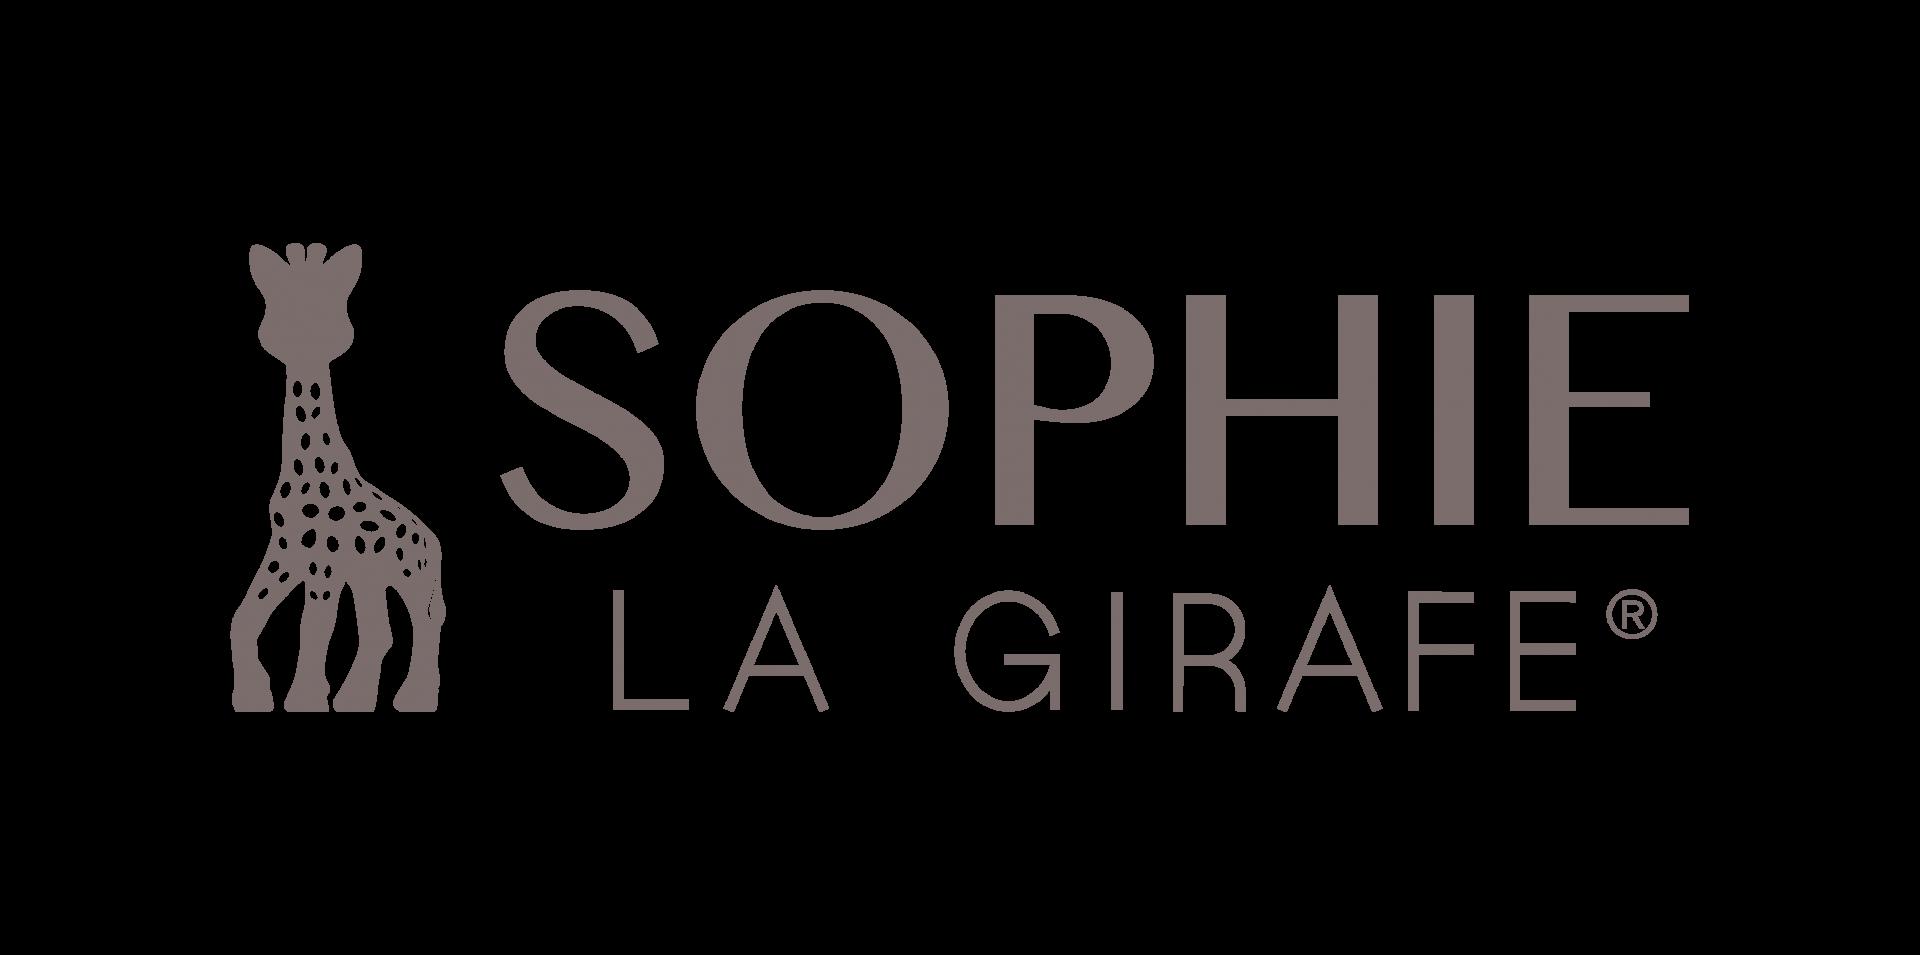 Βρείτε μεγάλη ποικιλία από παιχνίδια Sophie στο online κατάστημα του Puppets!